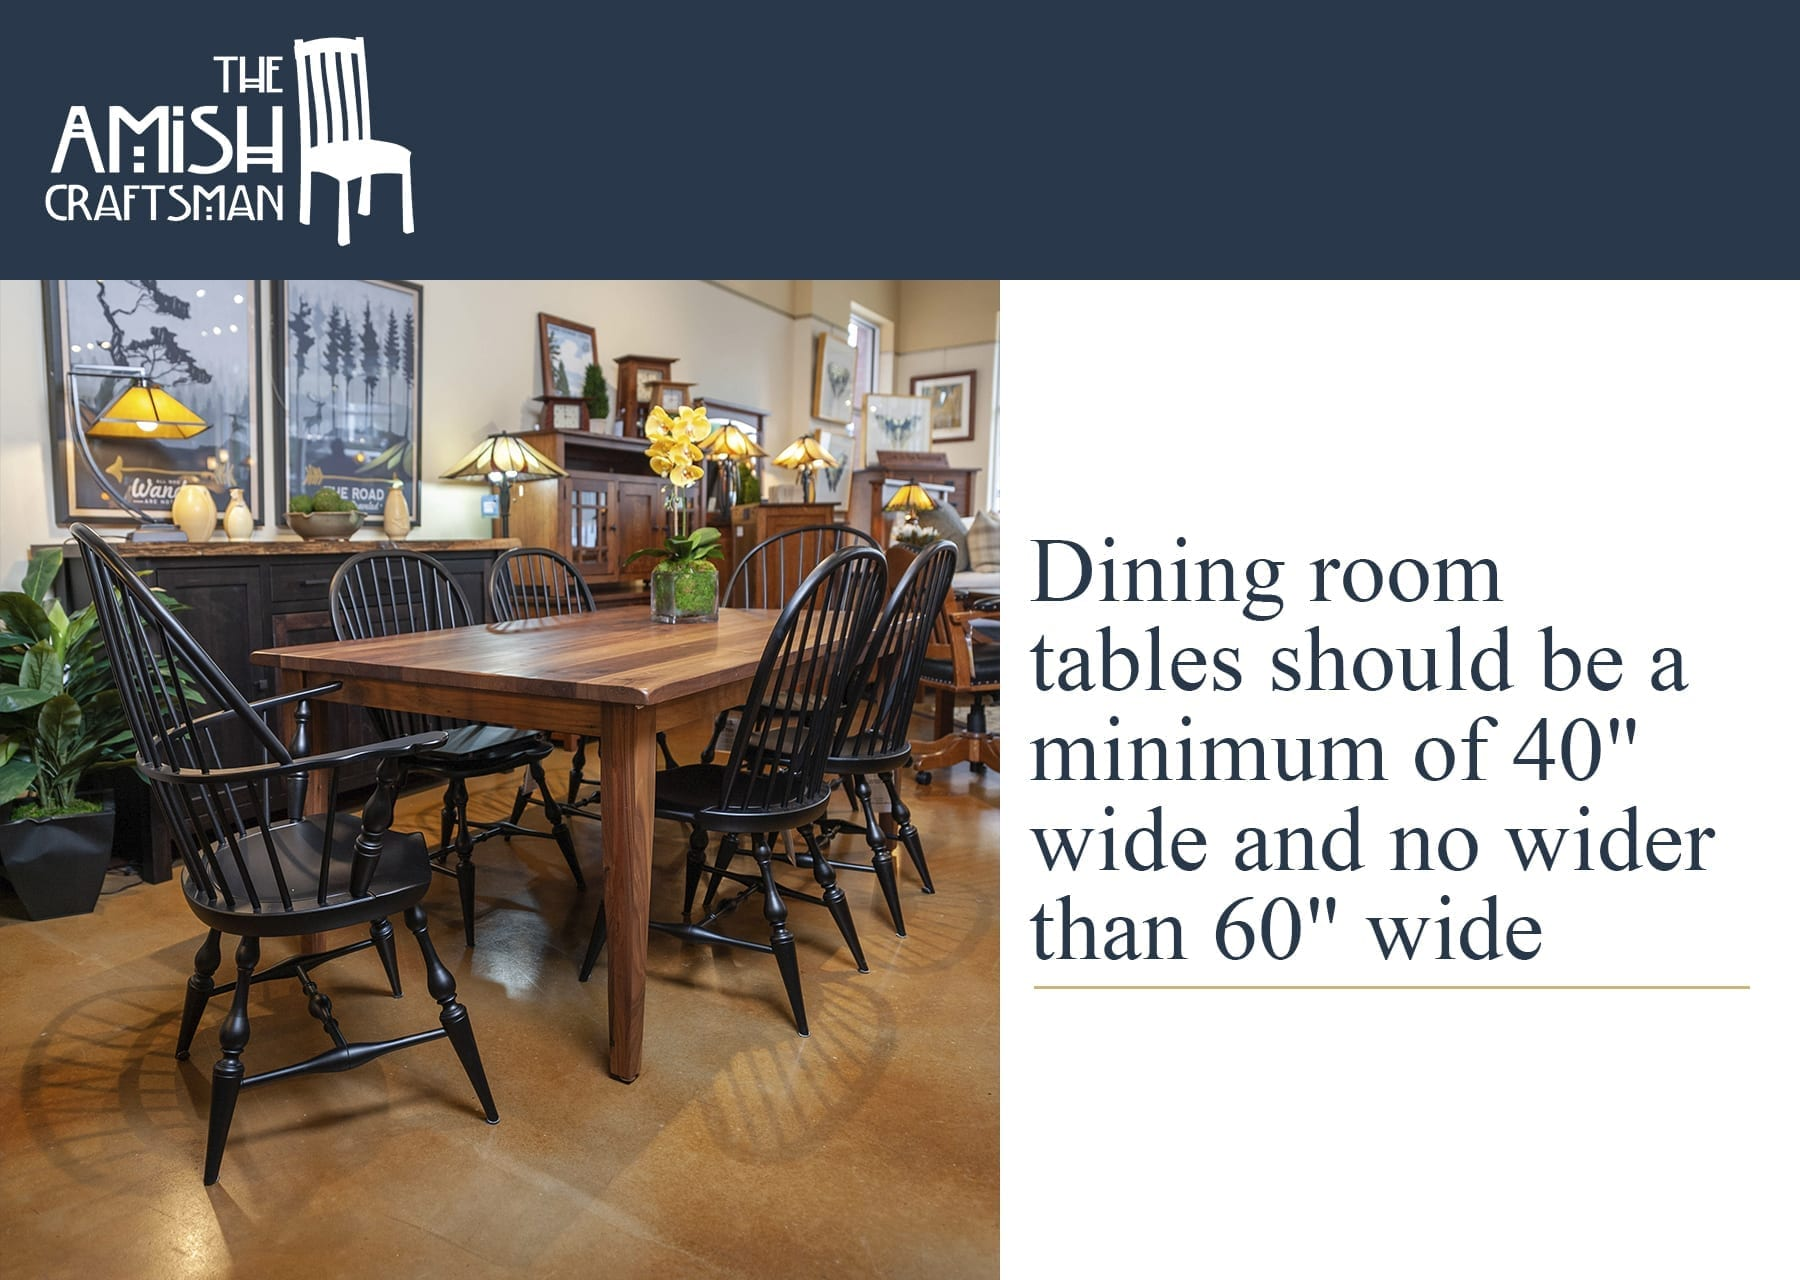 diningroomtableshoudlbe